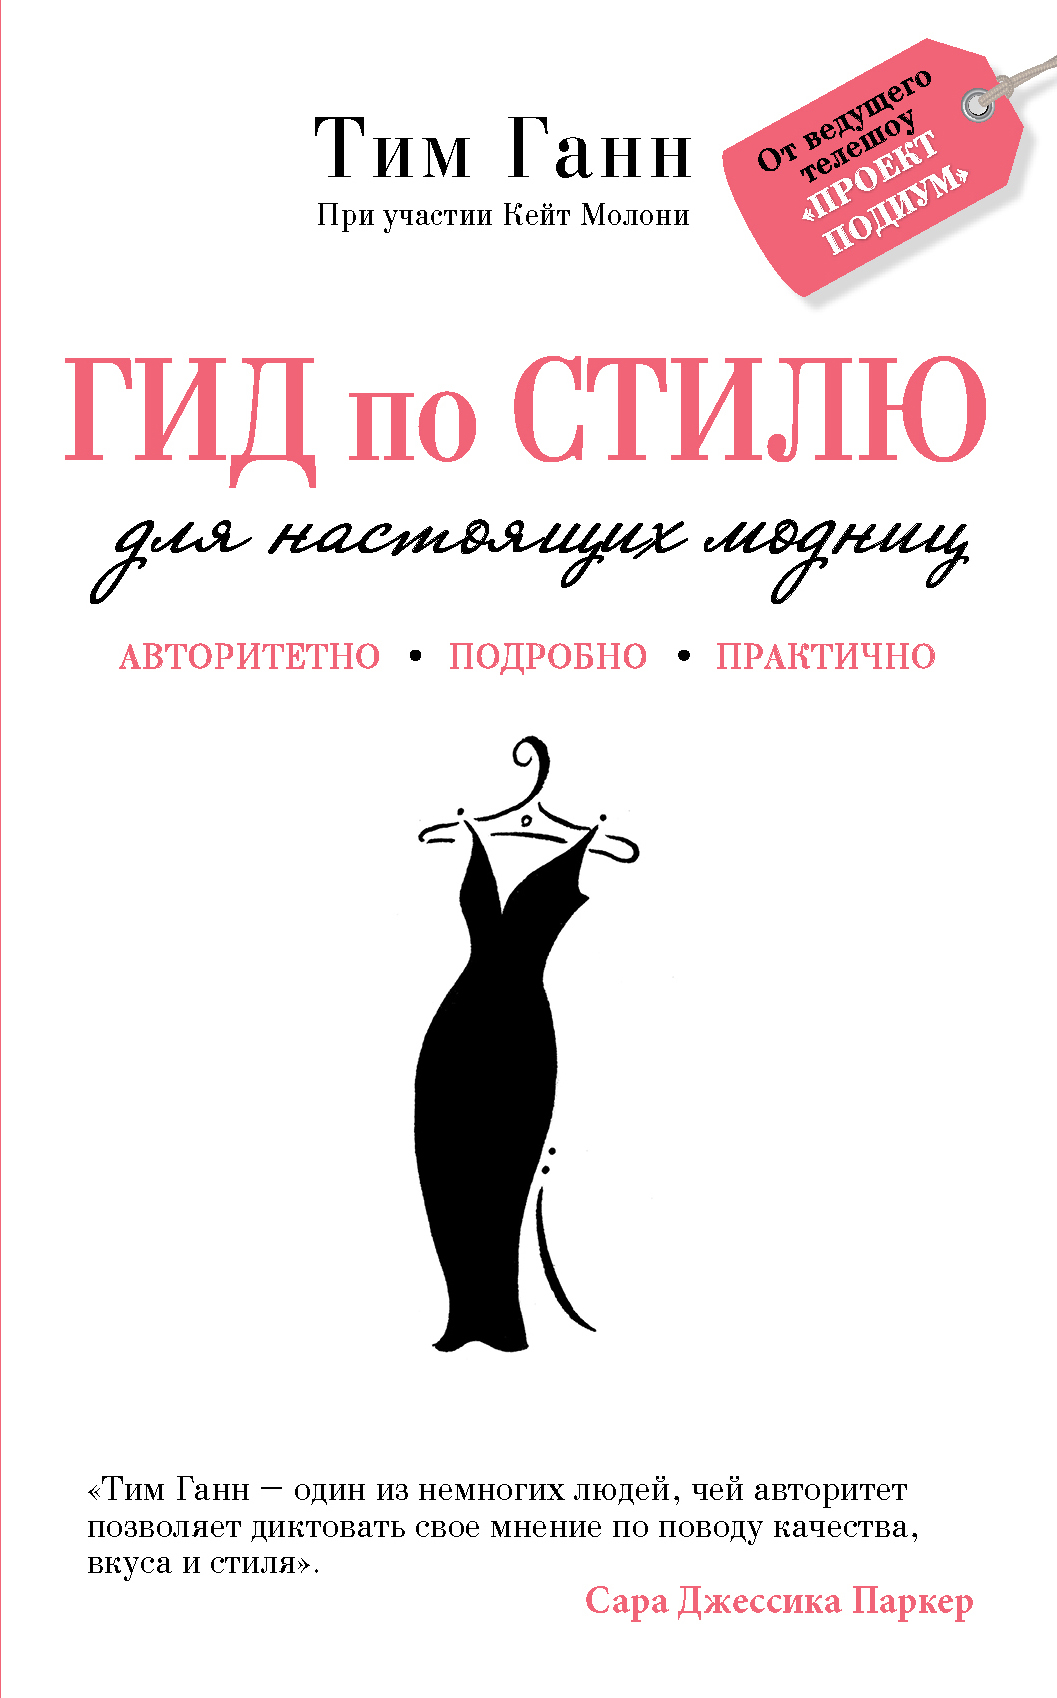 Гид по стилю для настоящих модниц (KRASOTA. Иконы стиля)